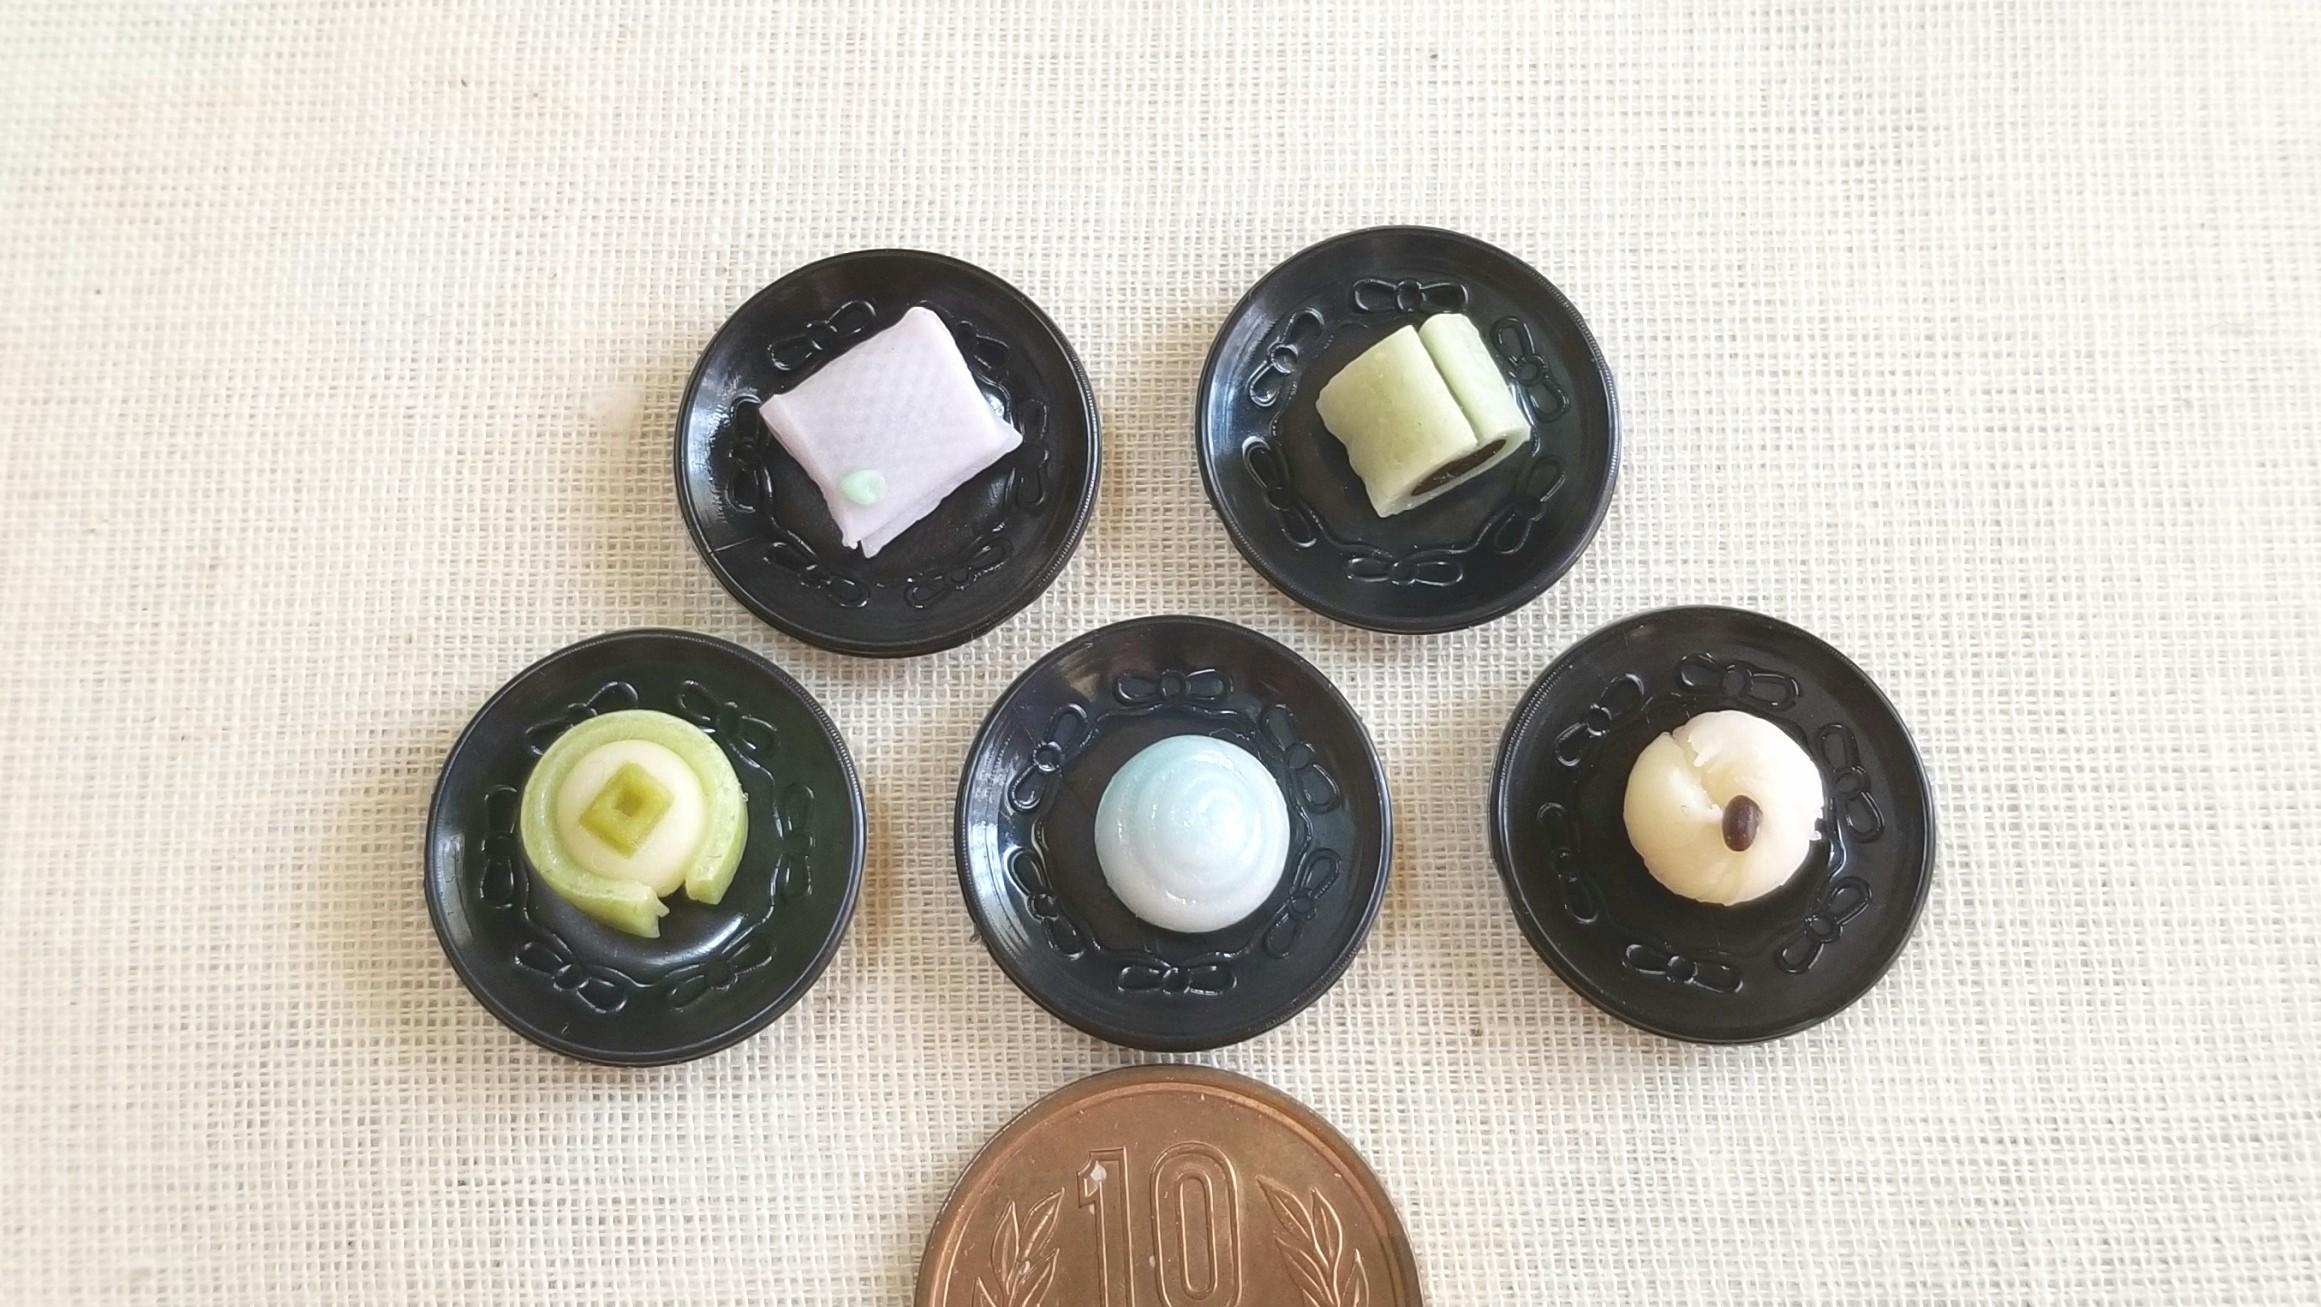 小さな和菓子,可愛い,粘土,四季,季節,上品,甘さ控えめ,食品サンプル